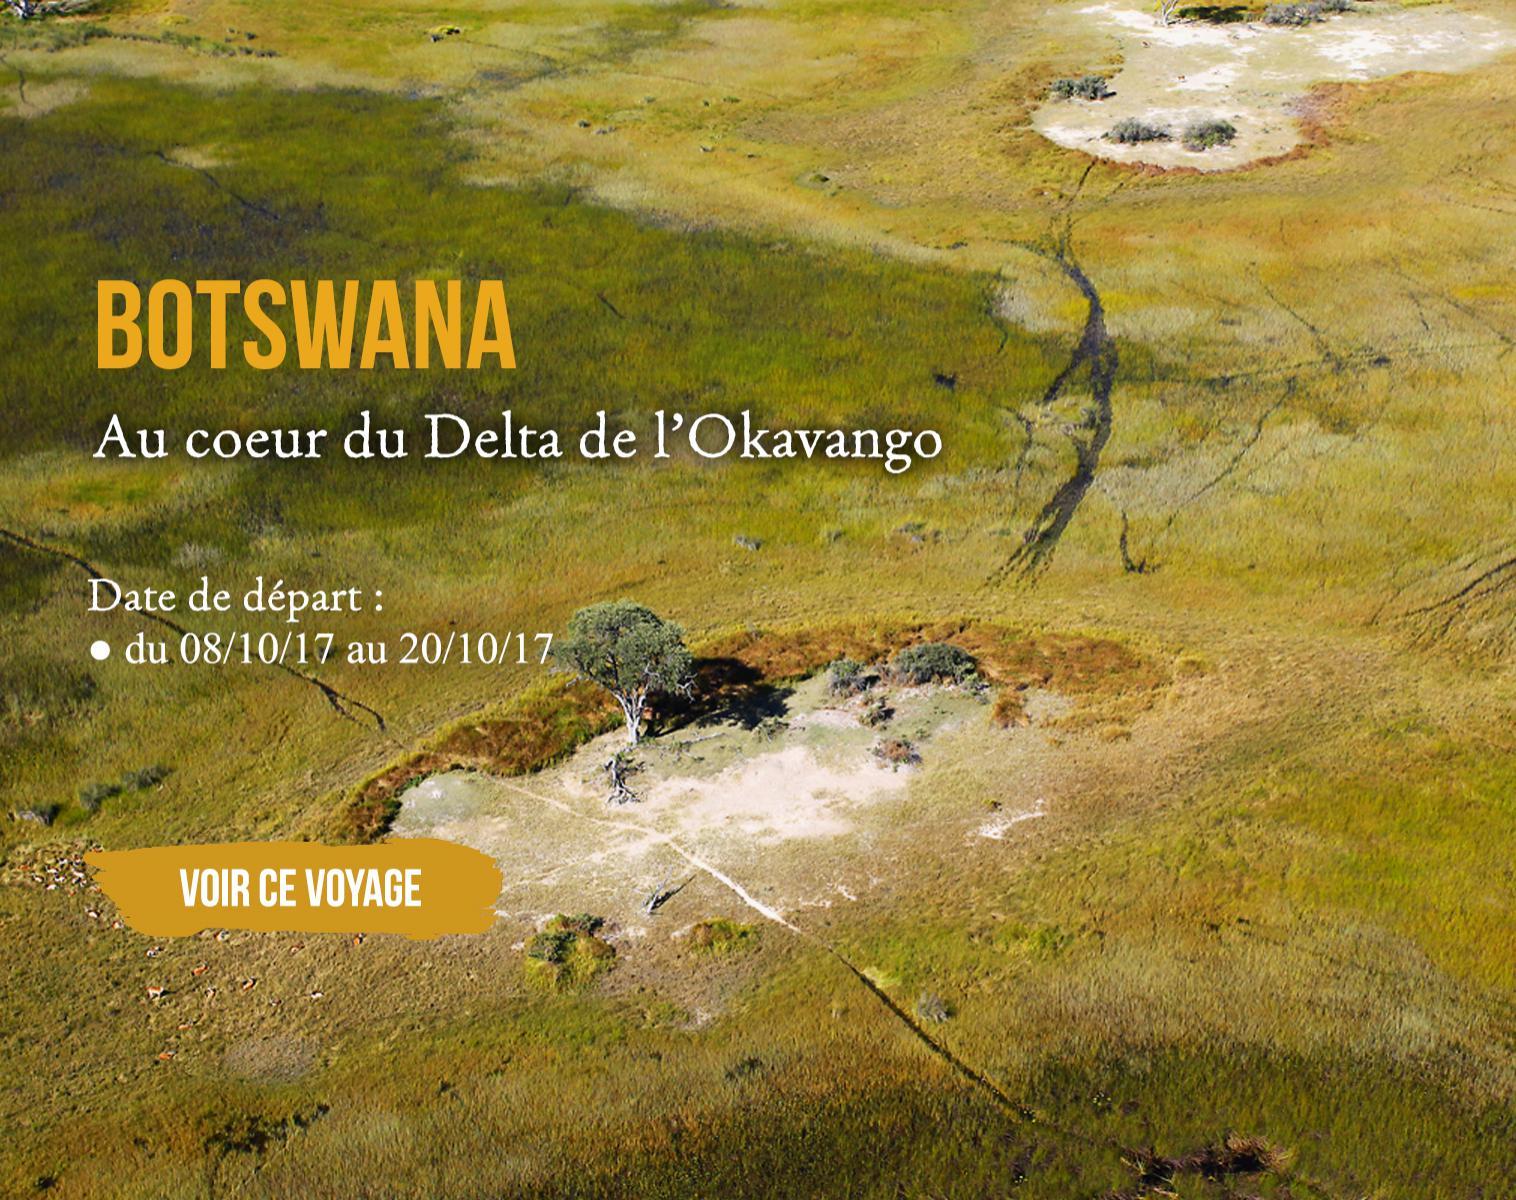 Botswana, au coeur du delta de l'Okavango